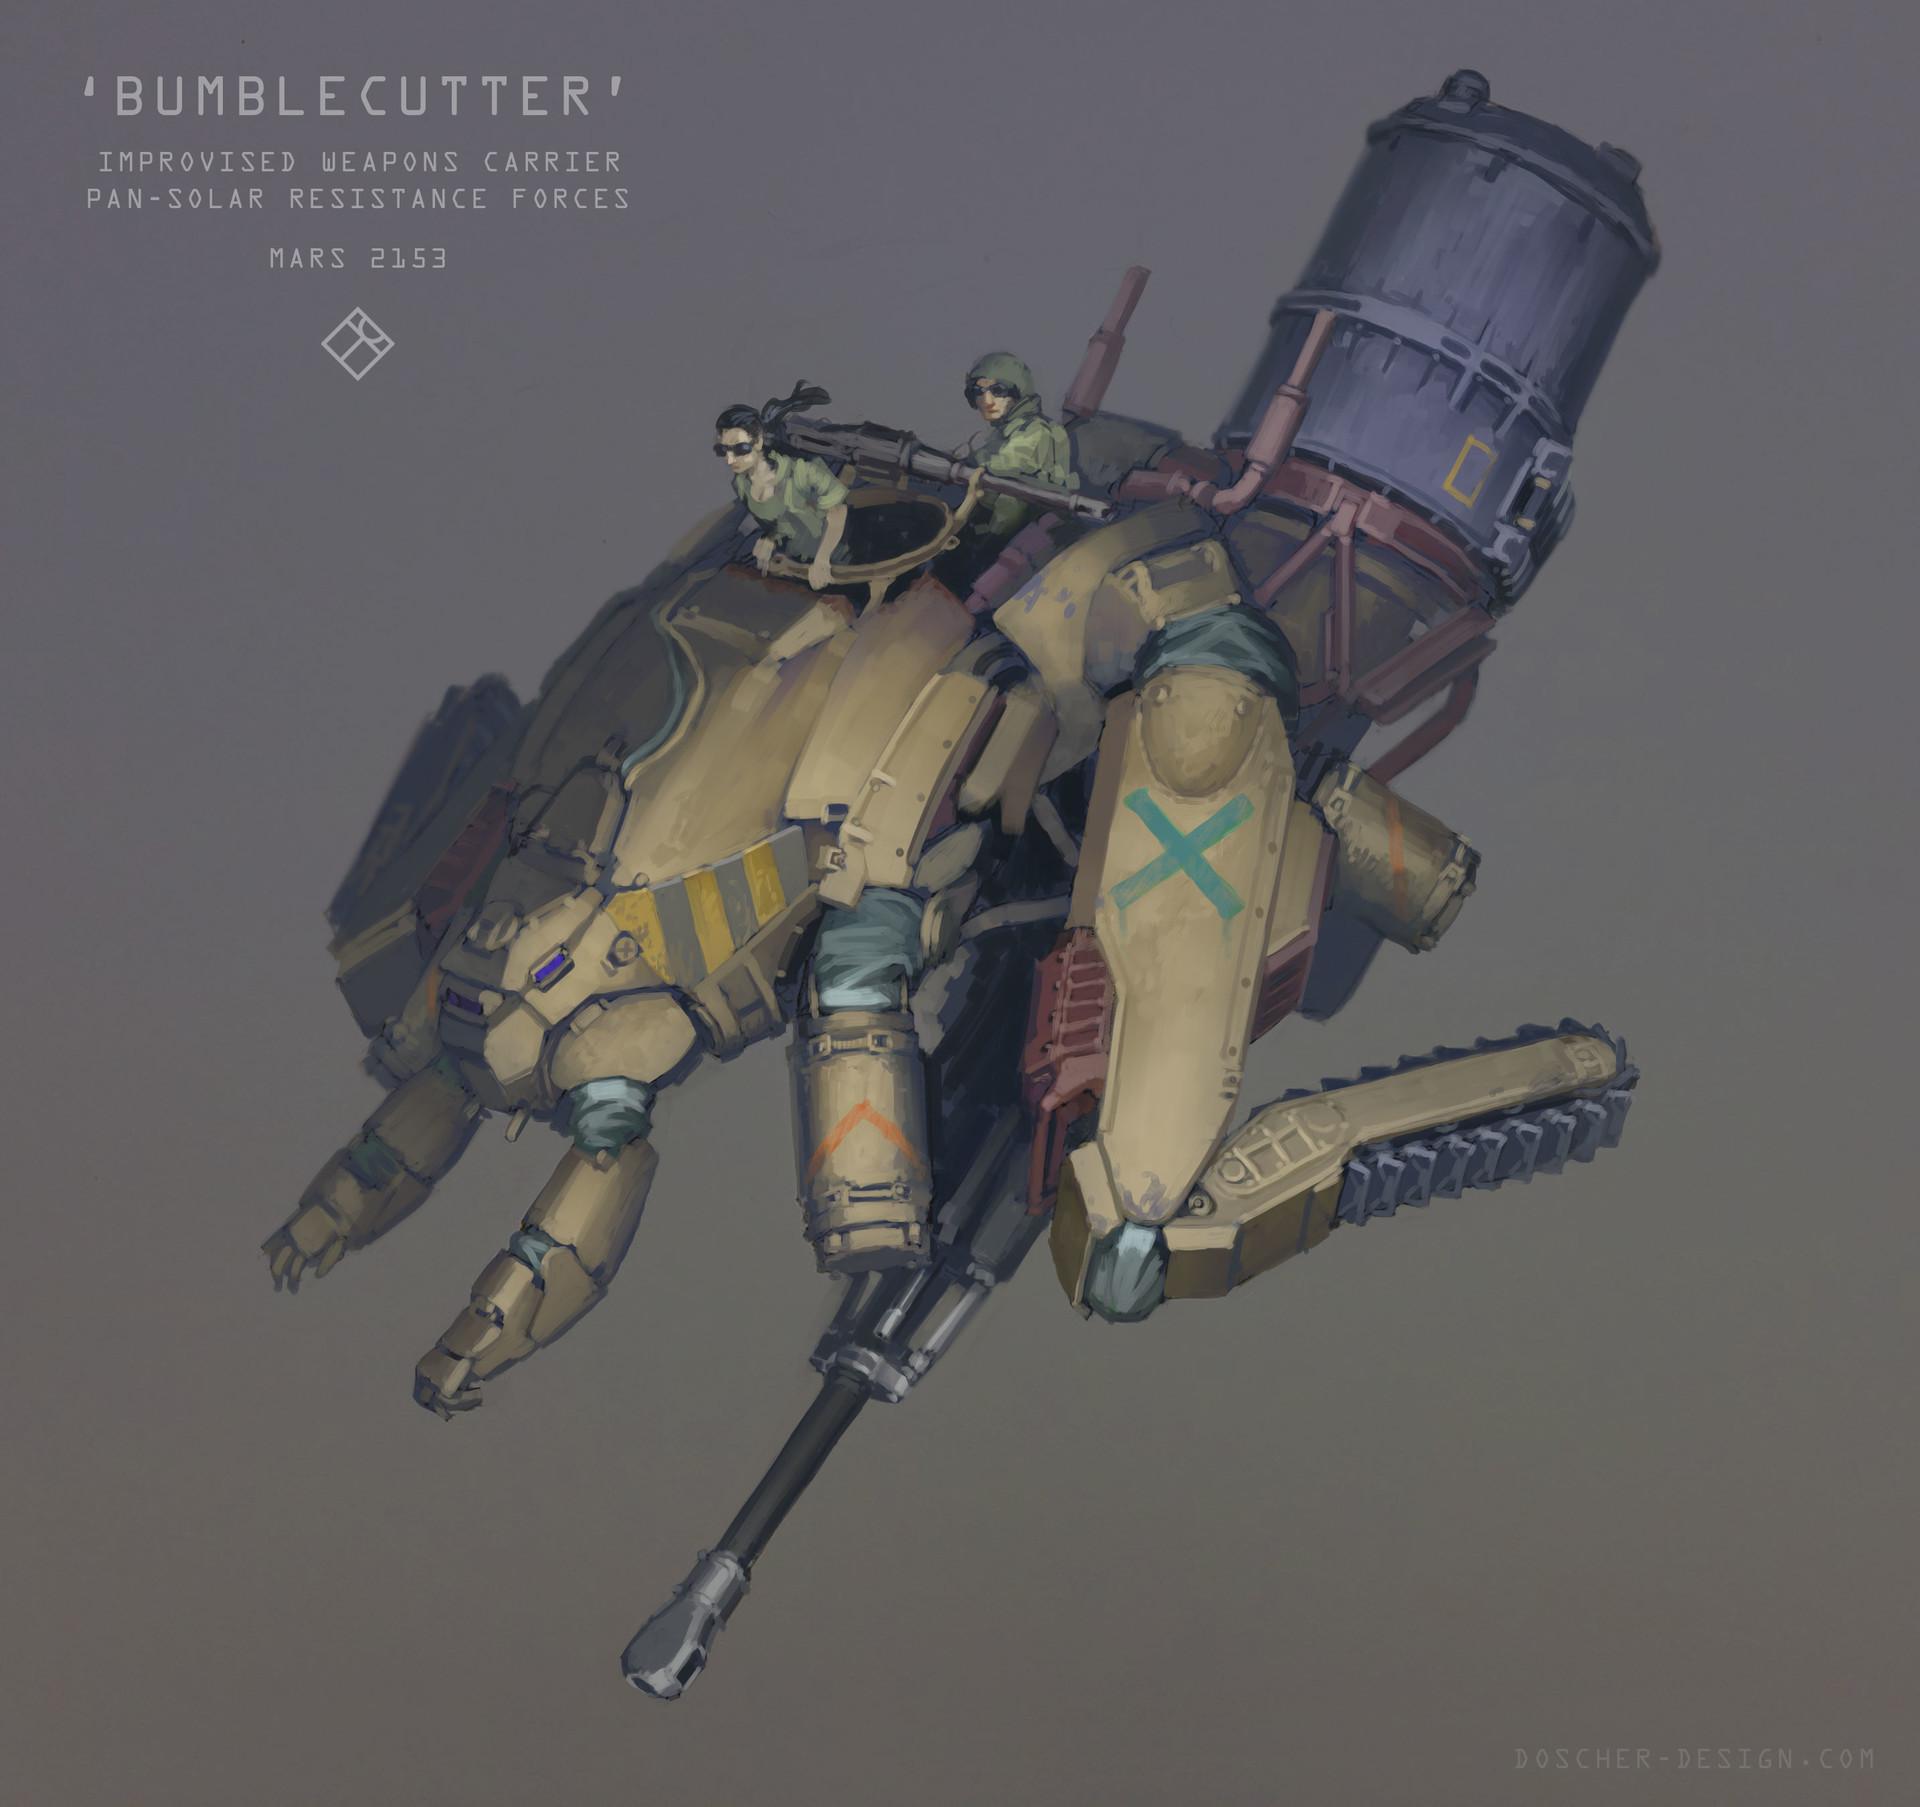 Bumblecutter